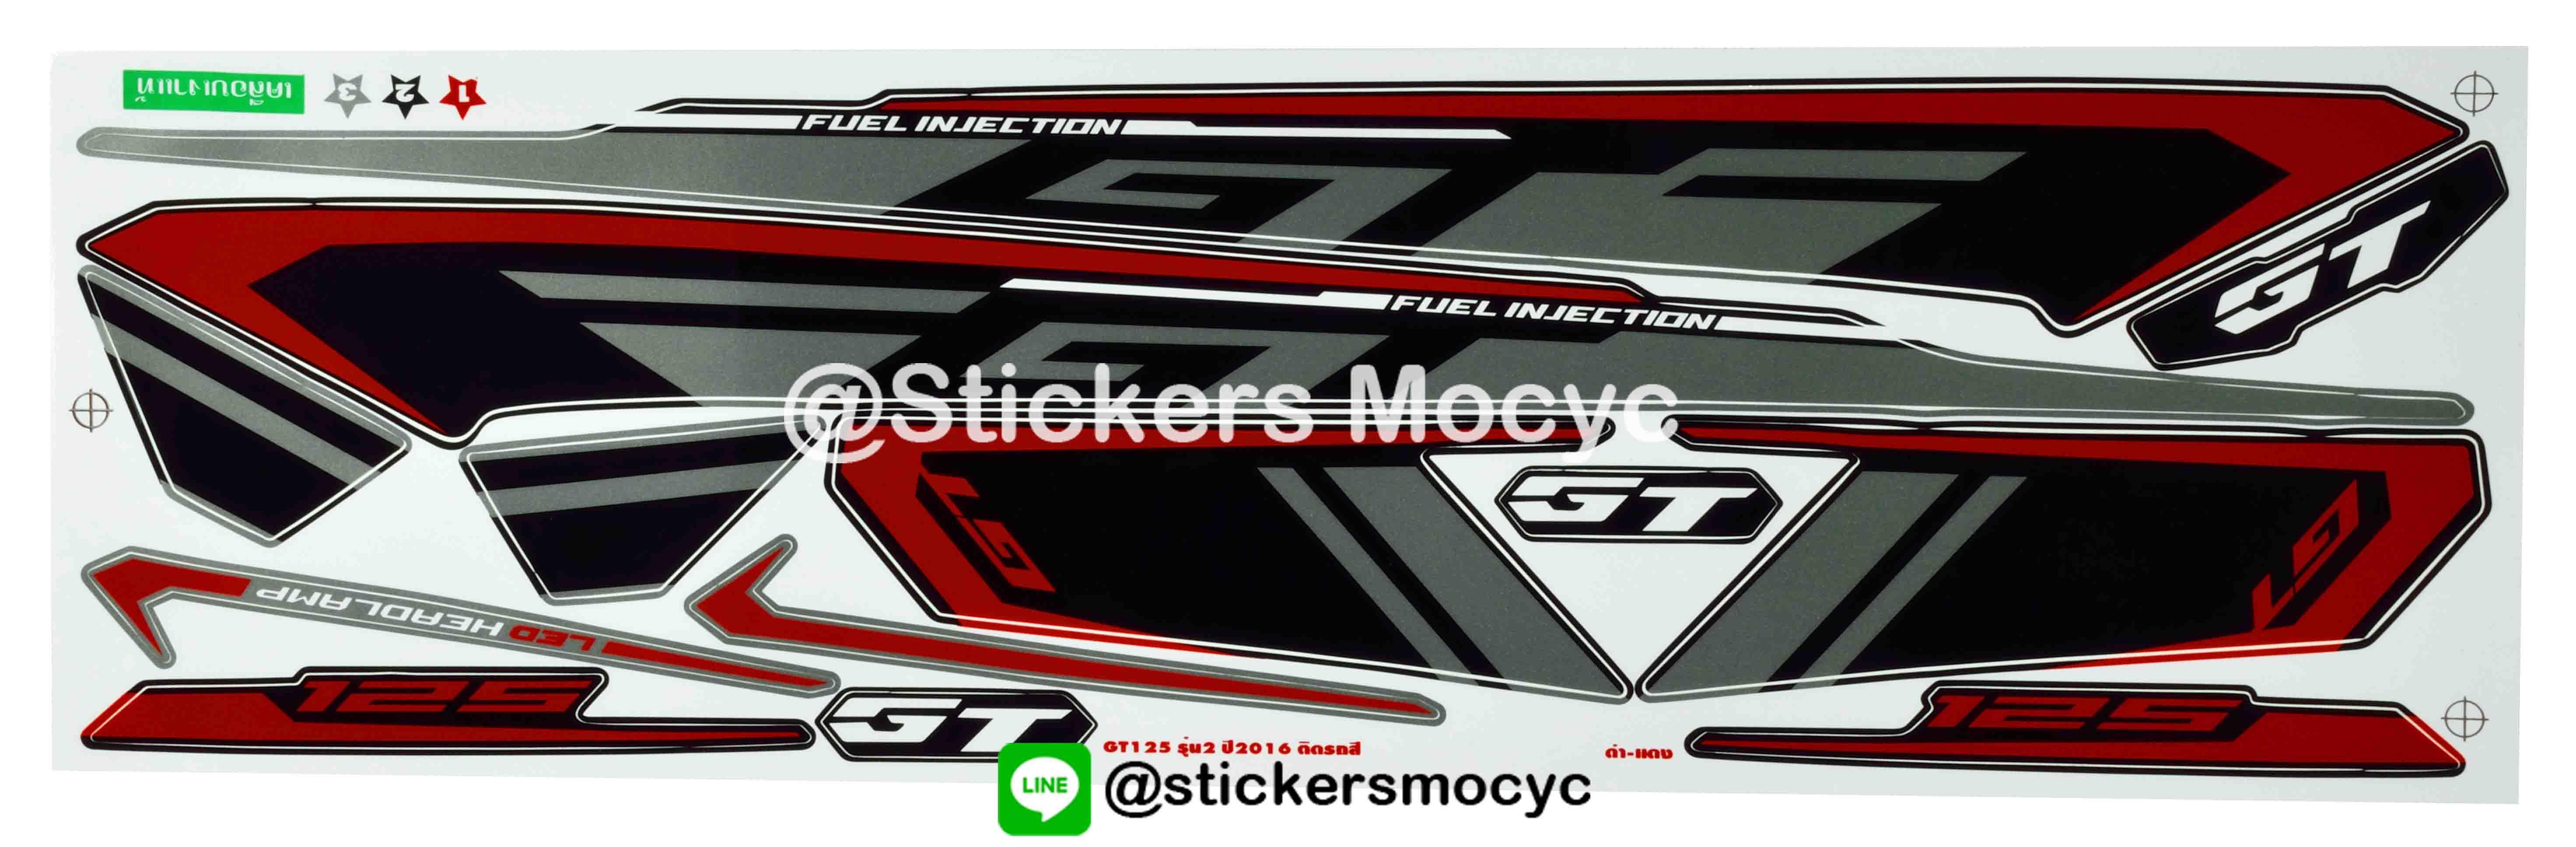 สติ๊กเกอร์ติดรถ มอเตอร์ไซค์ ยามาฮ่า GT125 Sticker Yamaha GT125 ปี 2016 รุ่น 2 ติดรถ สีดำ แดง (เคลือบเงาแท้)